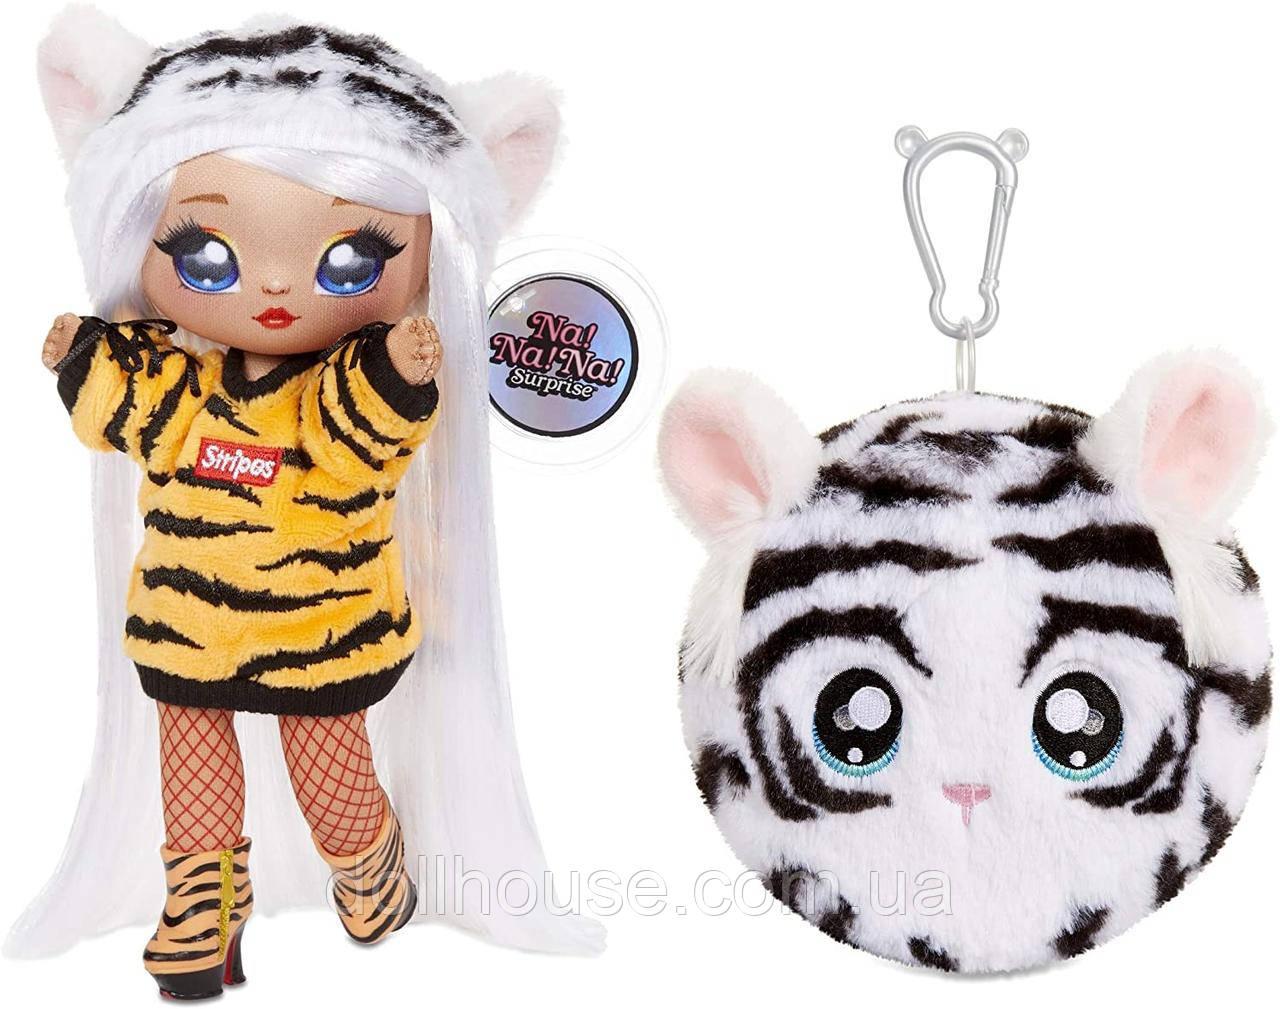 MGA Entertainment  Na! Na! Na! Сюрприз 2-в-1 модная кукла и плюшевый кошелек, серия 4 - Bianca Bengal Бьянка